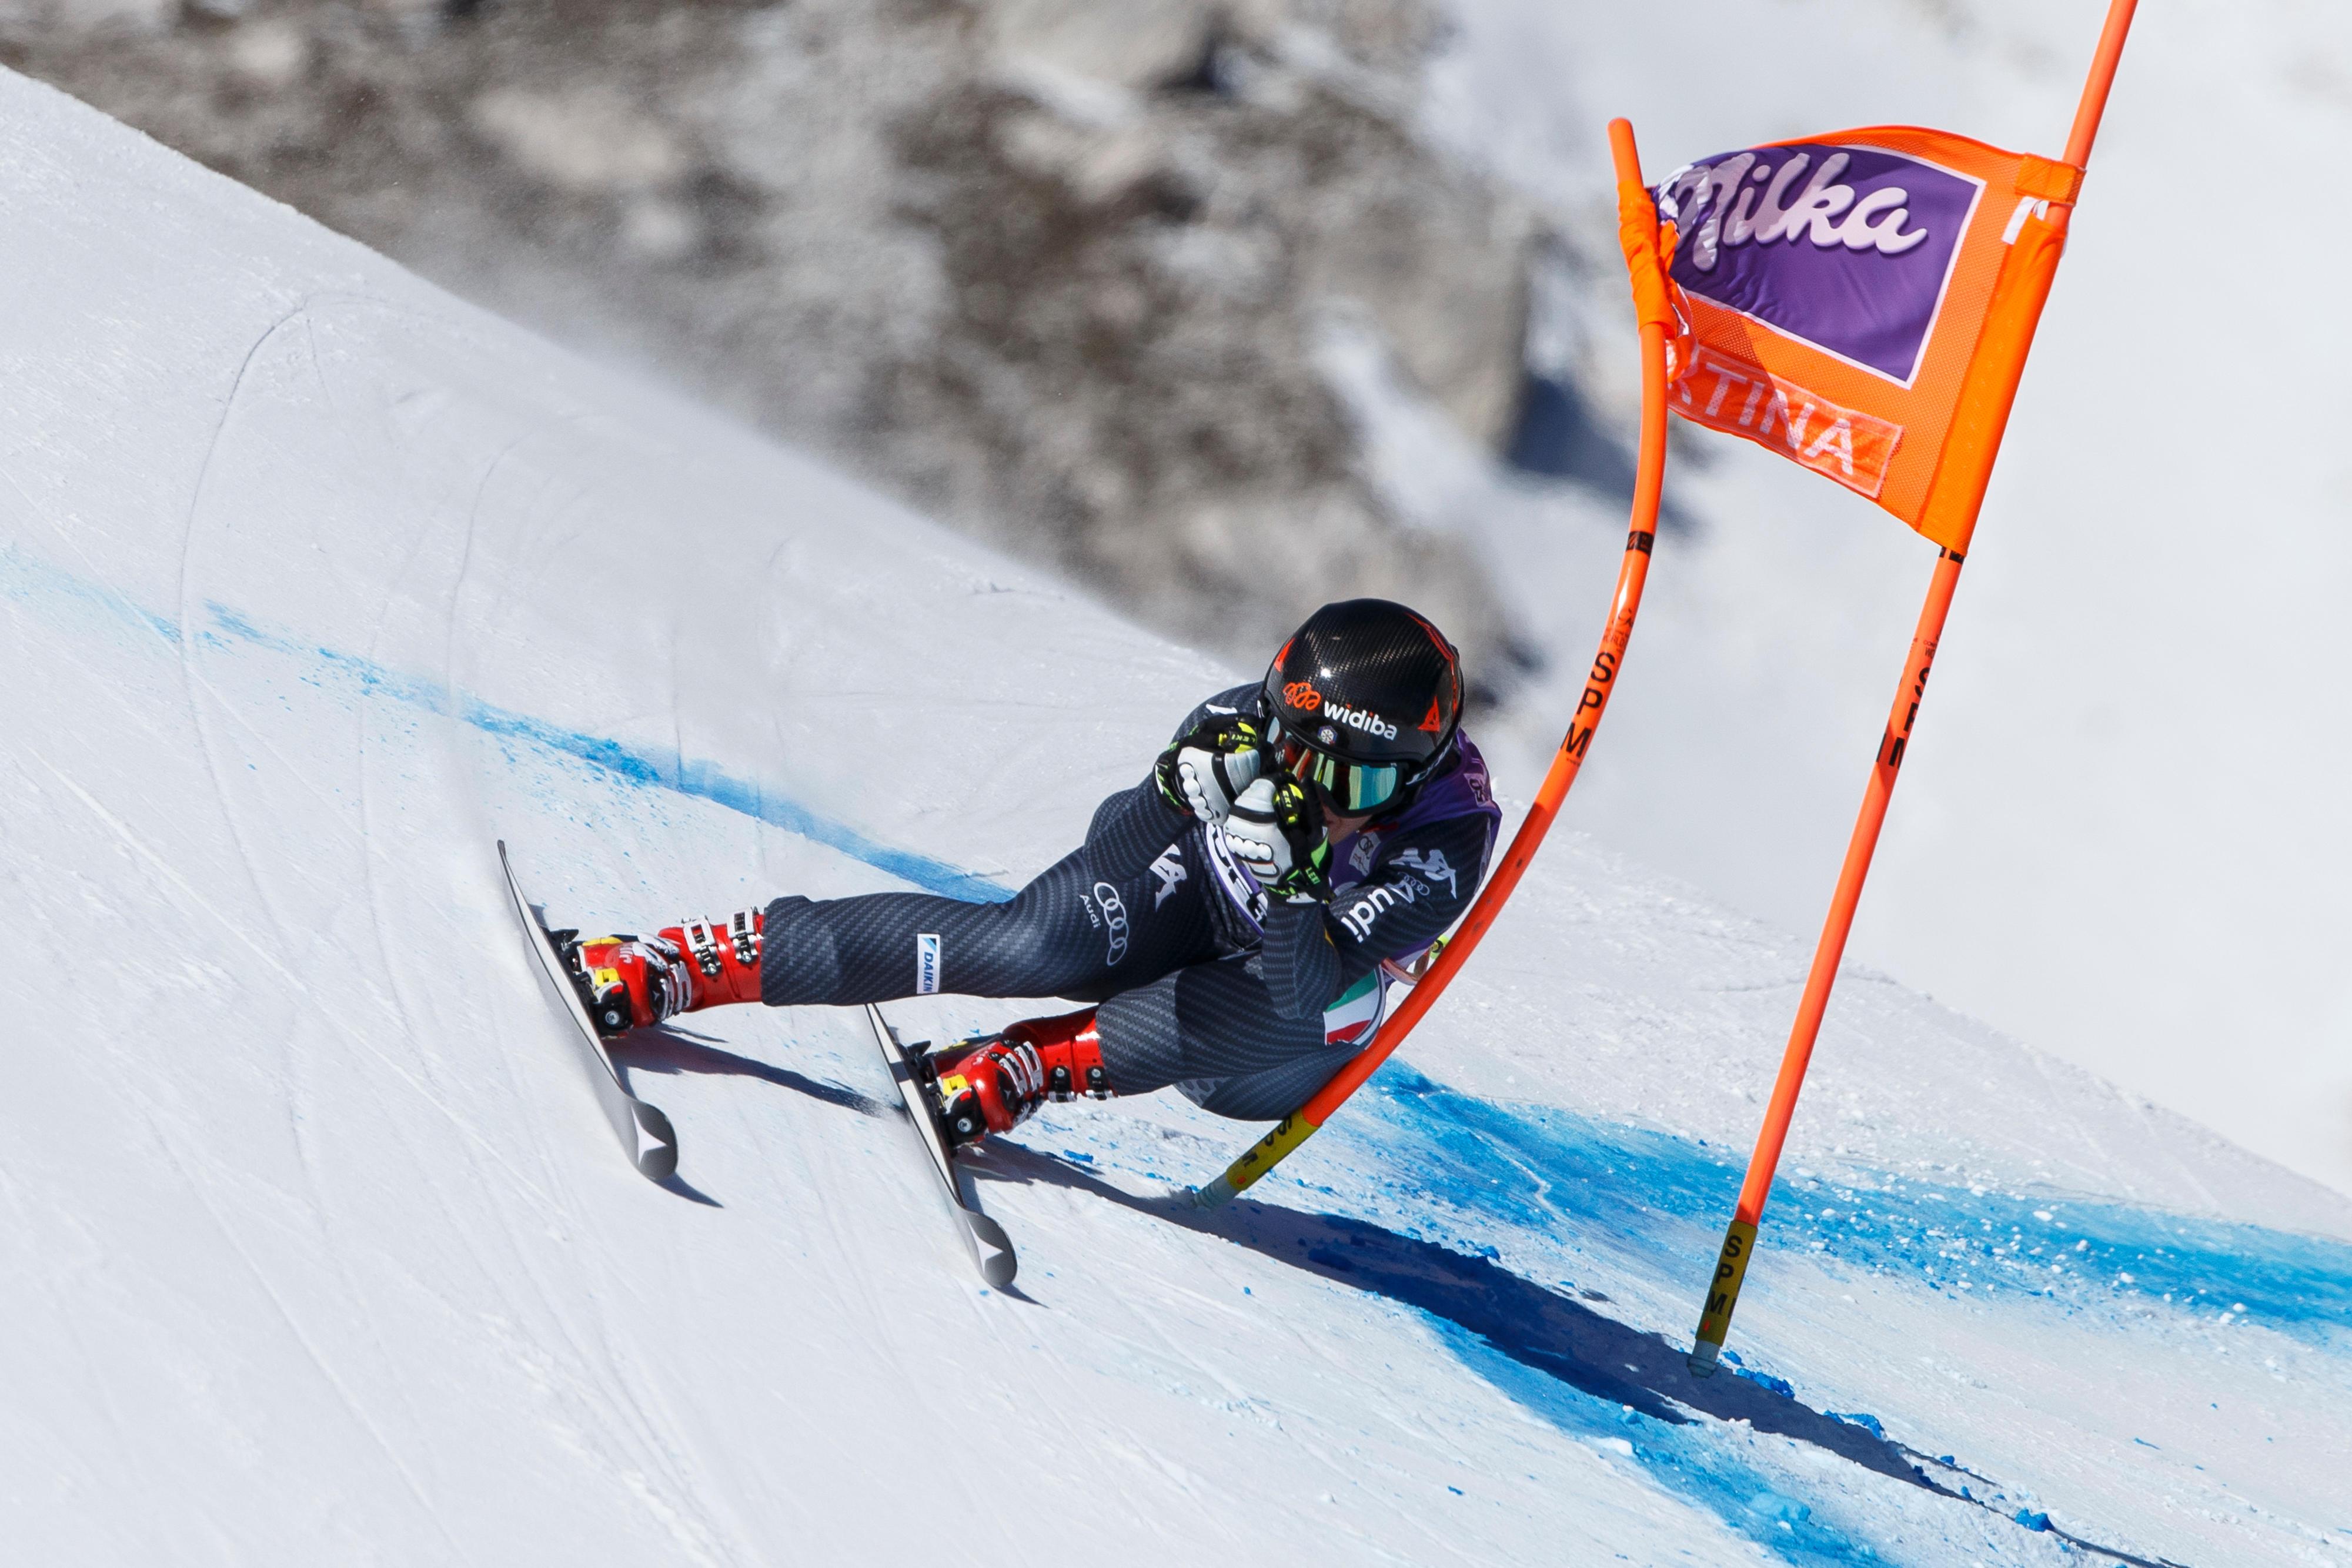 Le foto più belle della sciatrice Sofia Goggia, oro alle Olimpiadi / Image 8